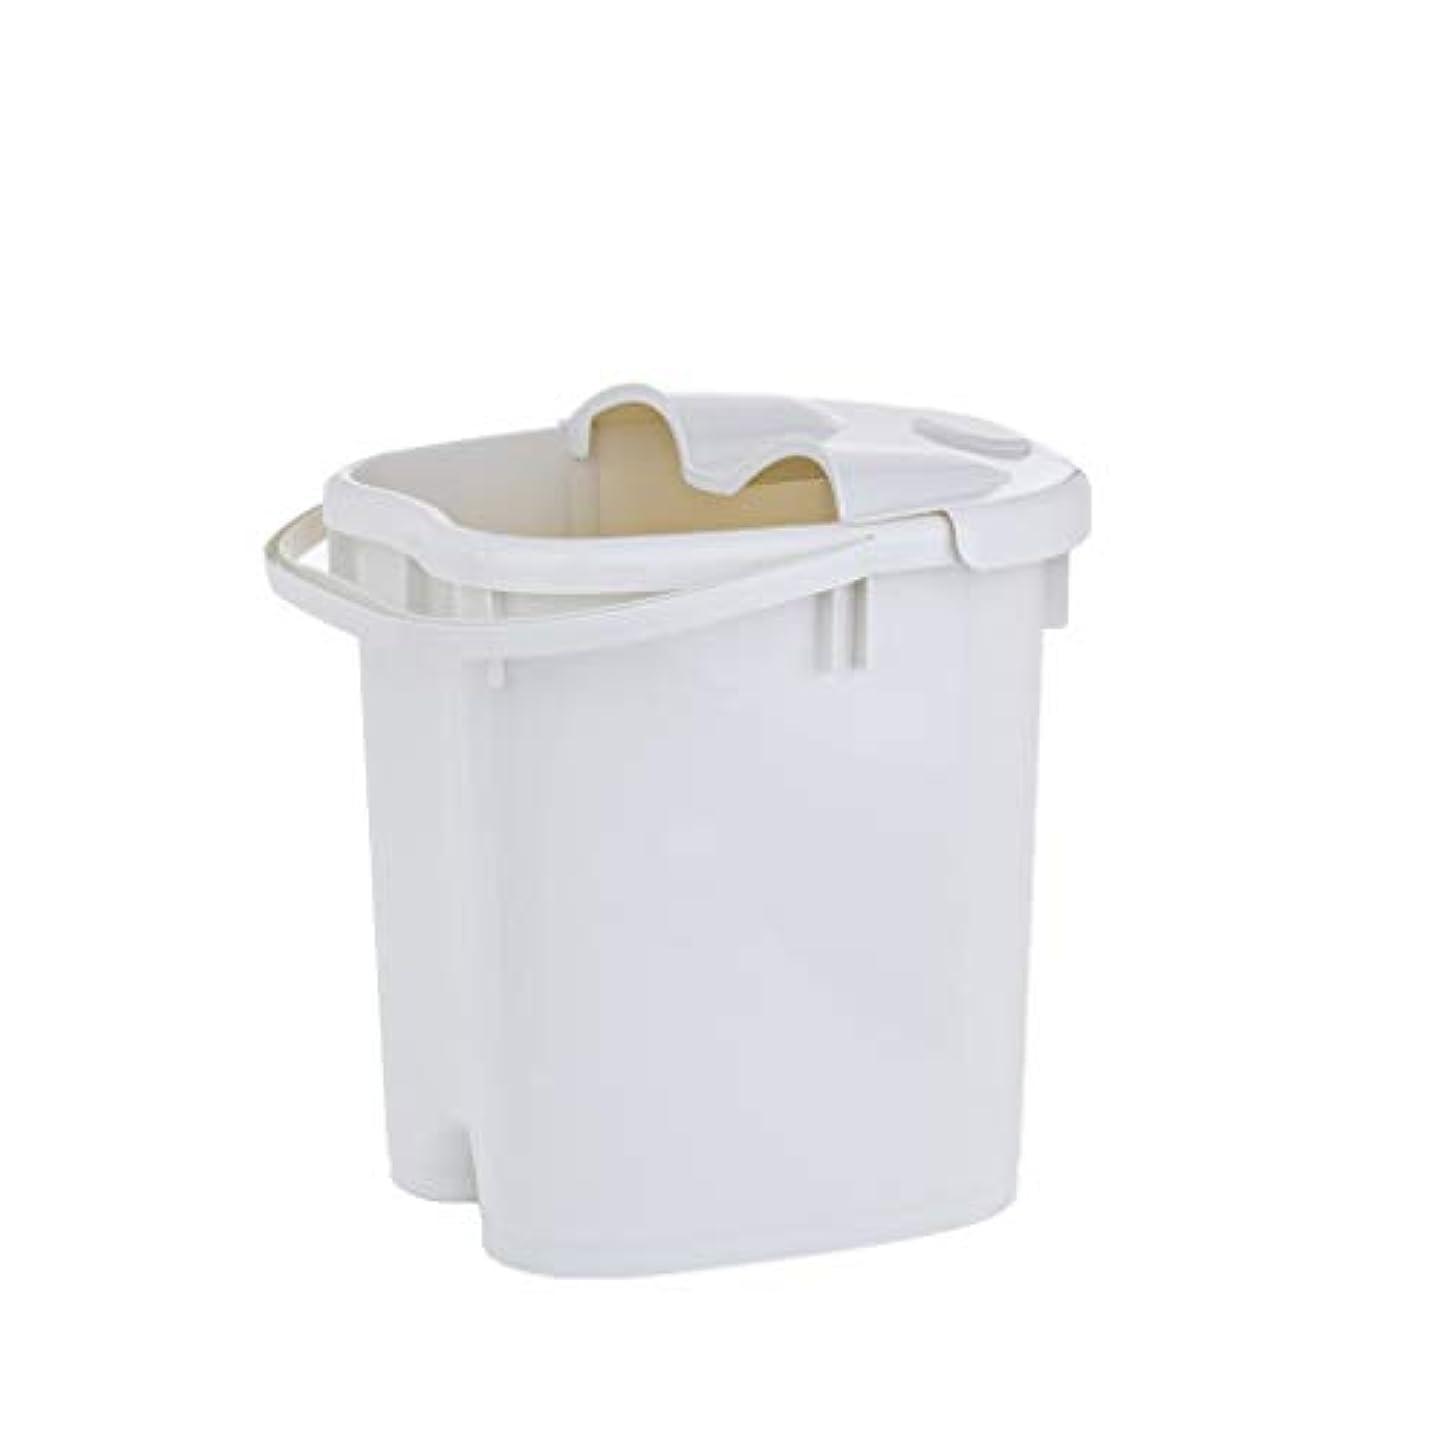 木材かび臭い宣言フットバスバレル- ☀AMT携帯用高まりのマッサージの浴槽のふたの熱保存のフィートの洗面器の世帯が付いている大人のフットバスのバケツ Relax foot (色 : 白, サイズ さいず : 39cm high)